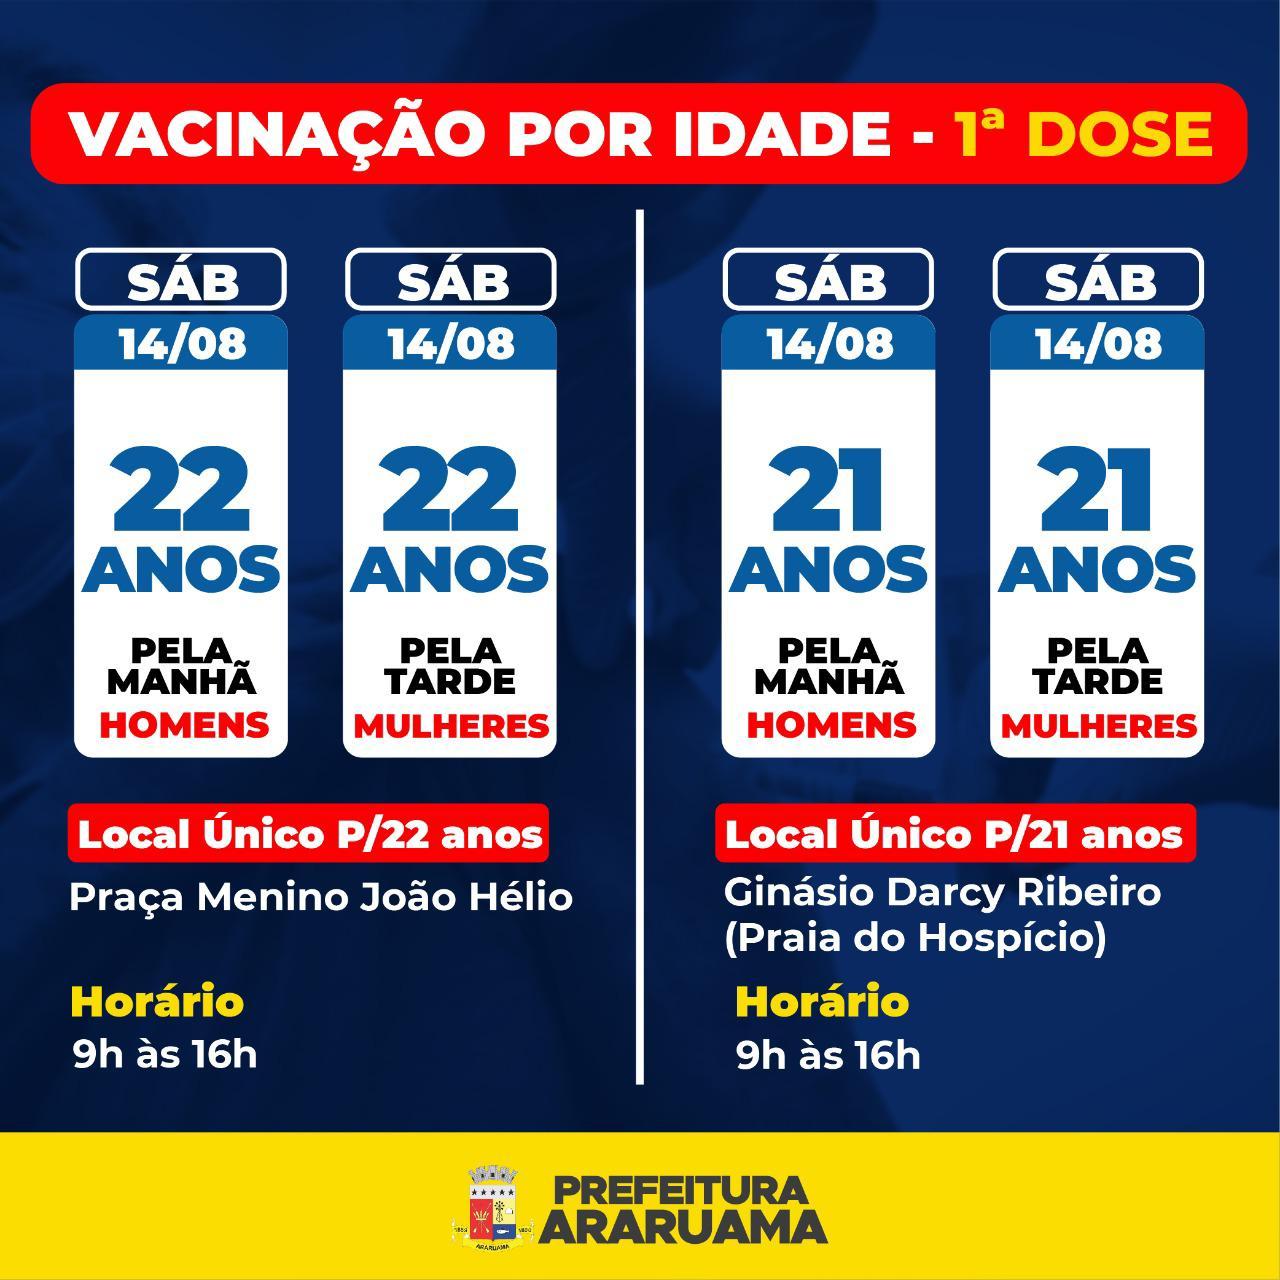 Prefeitura de Araruama recebe mais vacinas do Estado e agora vai imunizar jovens de 21 e 22 anos